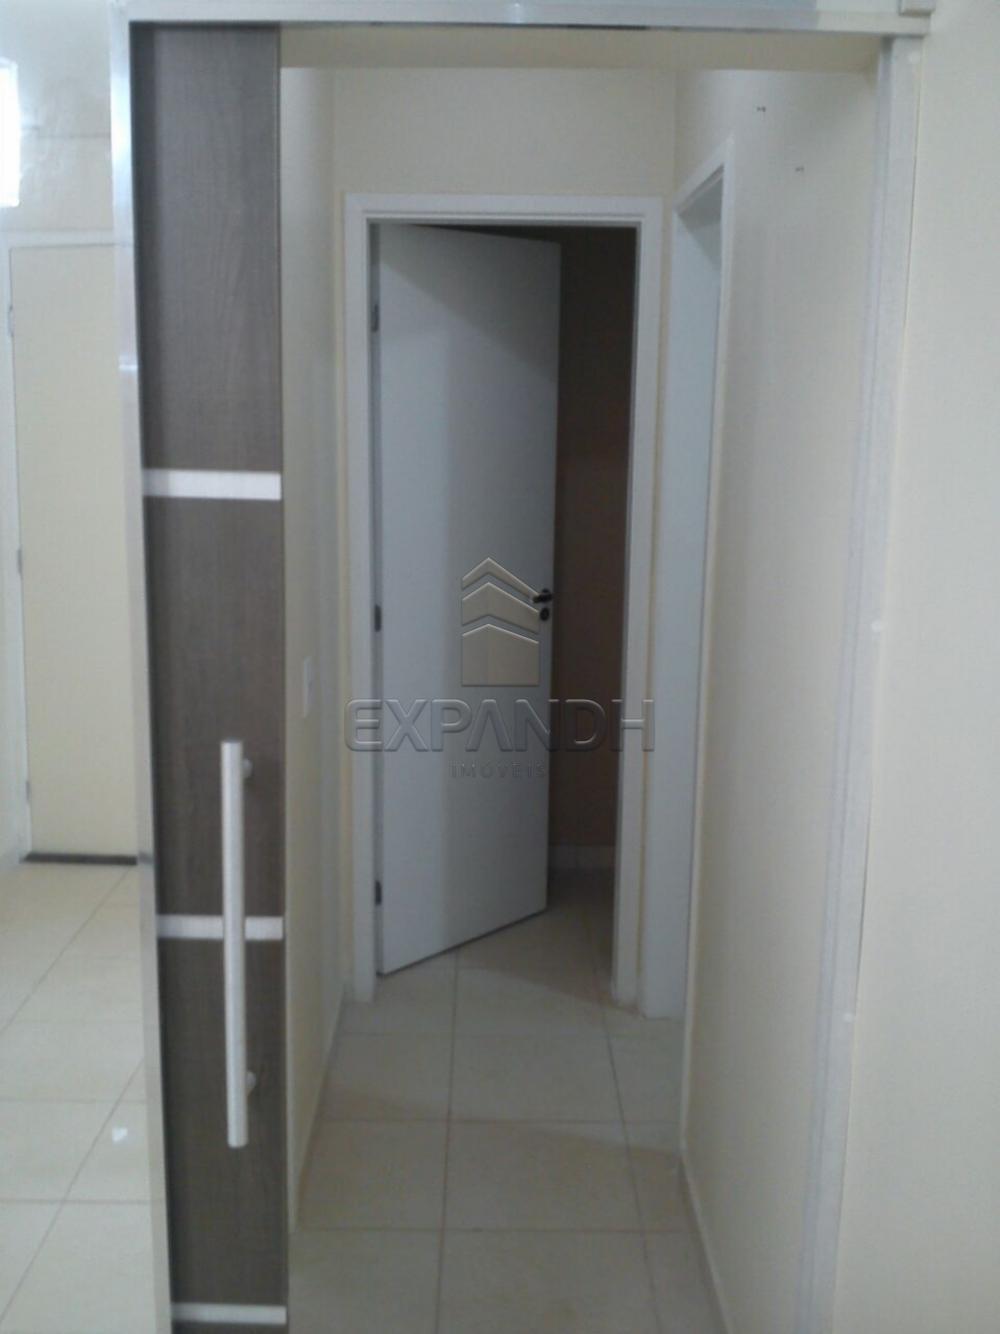 Comprar Apartamentos / Padrão em Ribeirão Preto apenas R$ 227.000,00 - Foto 15